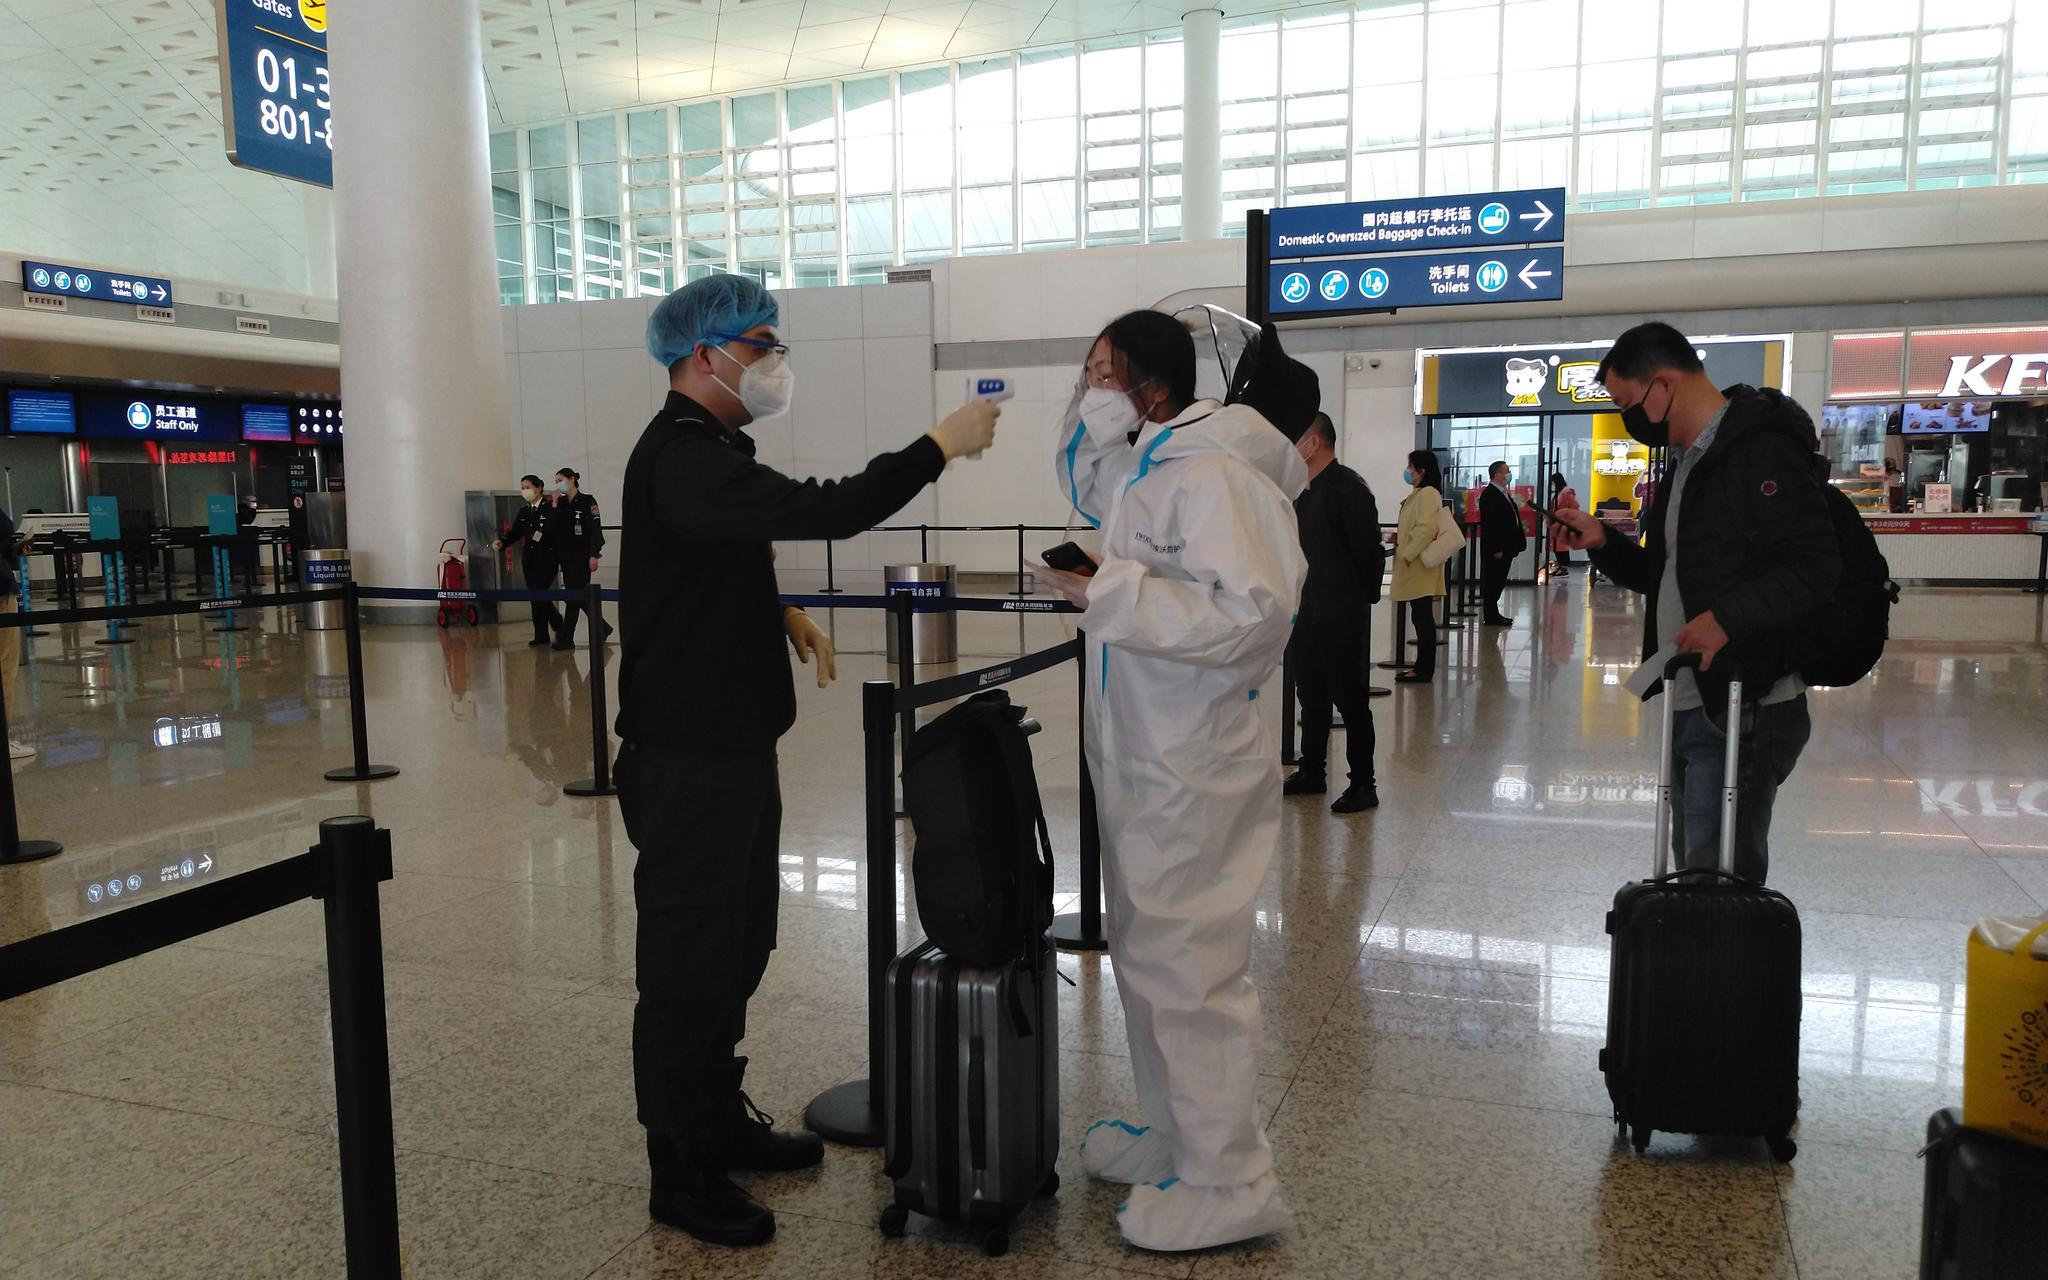 武汉天河机场复航:乘客需扫码入内,现场有医护人员值守图片